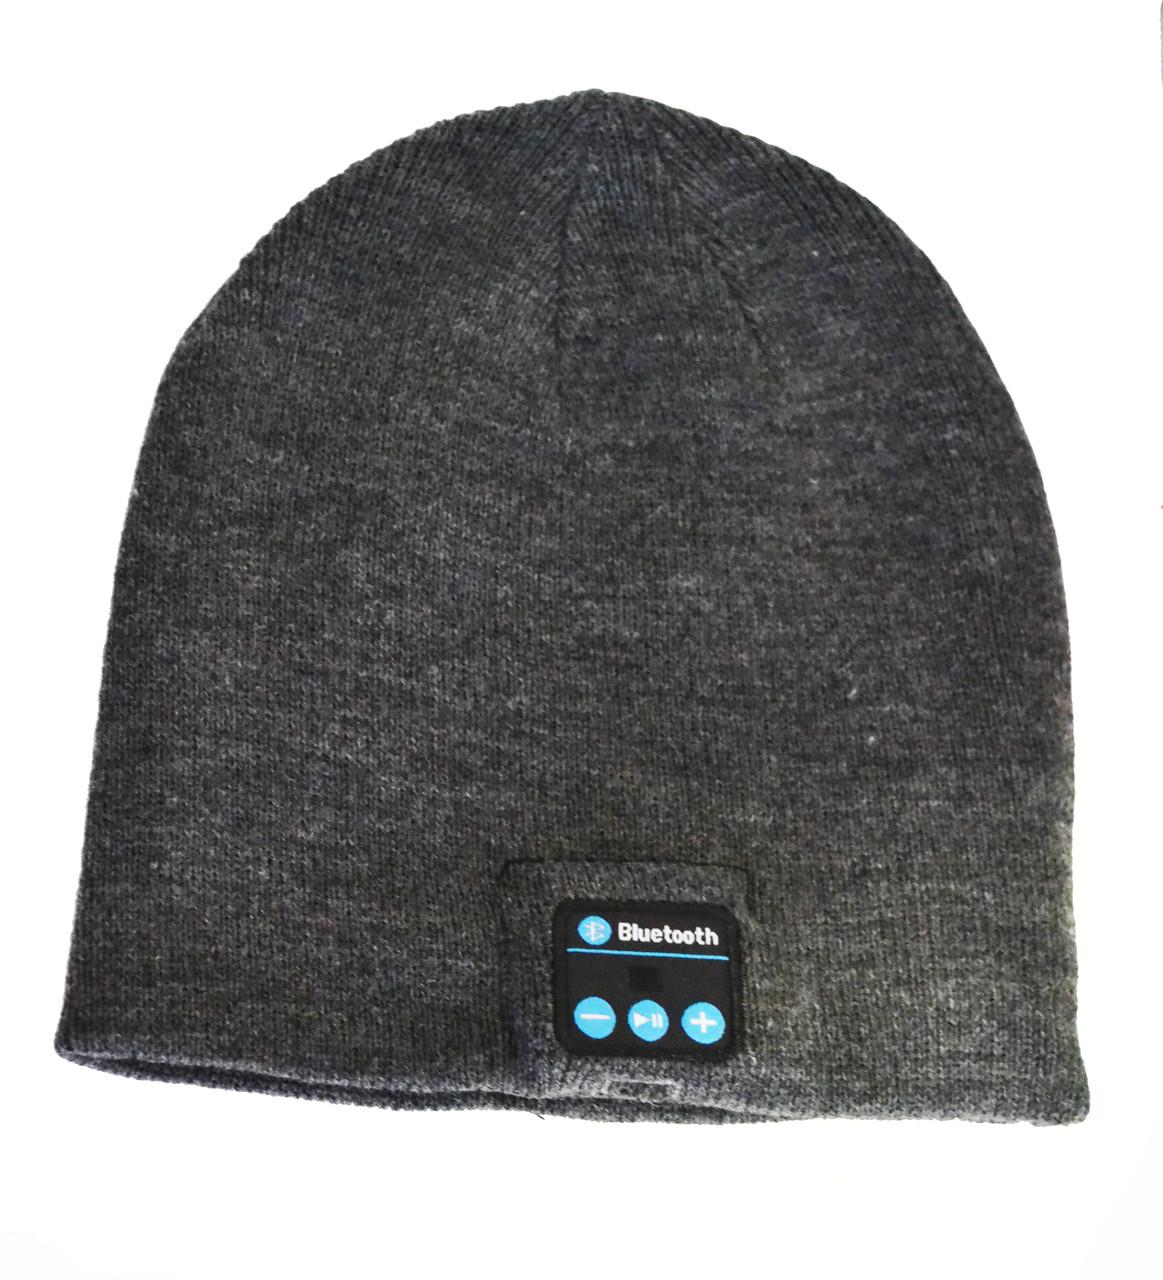 Шапка с Bluetooth 3.0 гарнитурой (Music Hat) Grey